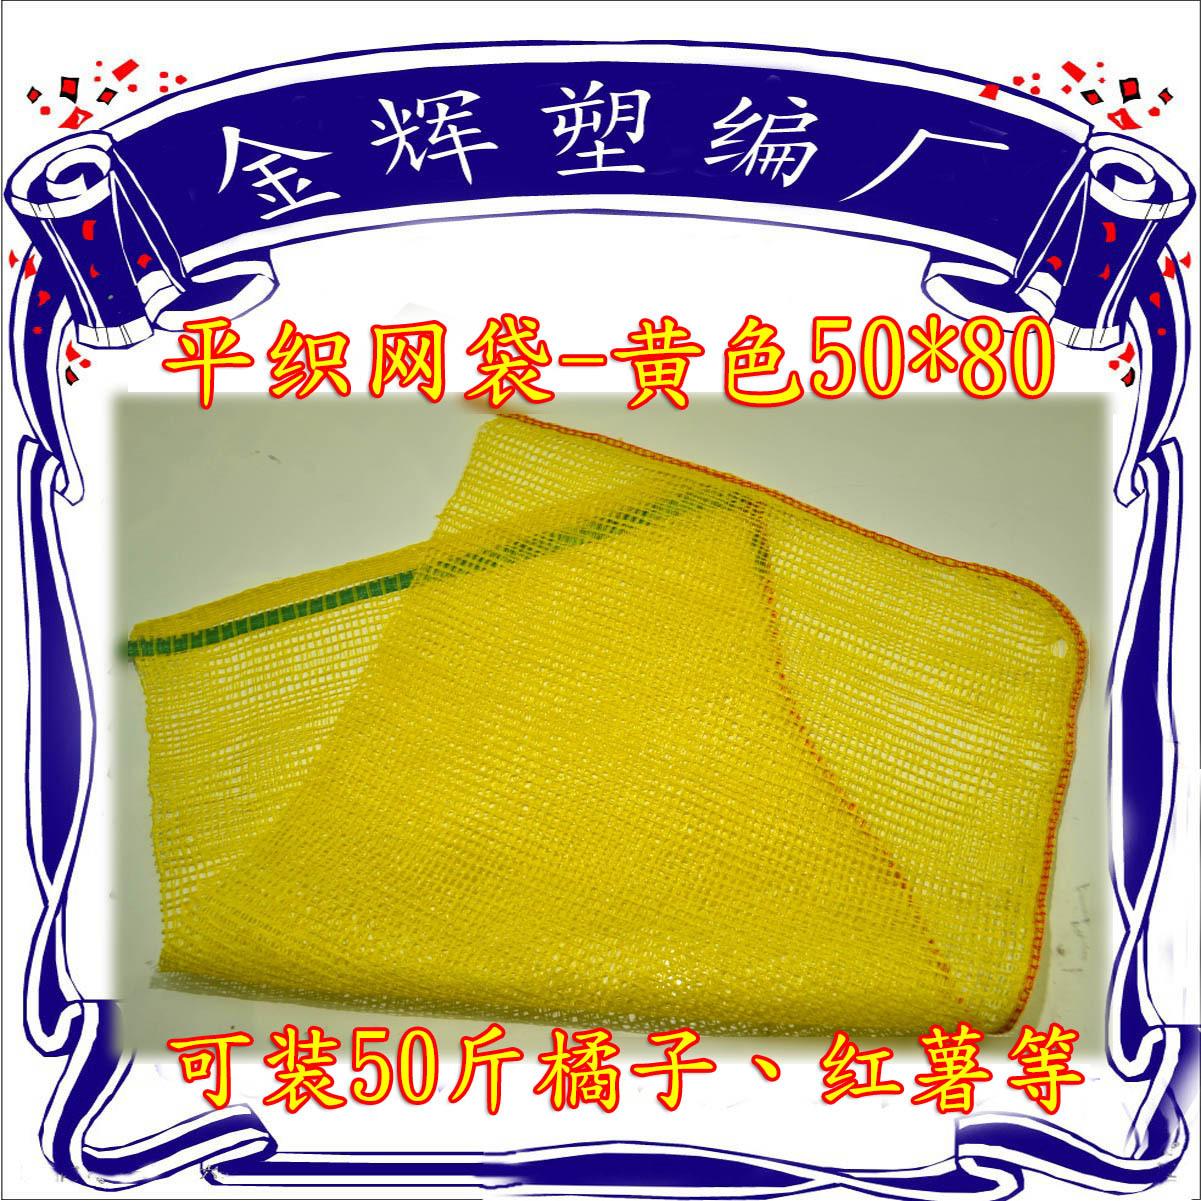 玉米网袋  玉米网眼袋  黄色5080网眼袋批发 50斤橘子网袋 装红薯 地瓜 土豆用平织网袋